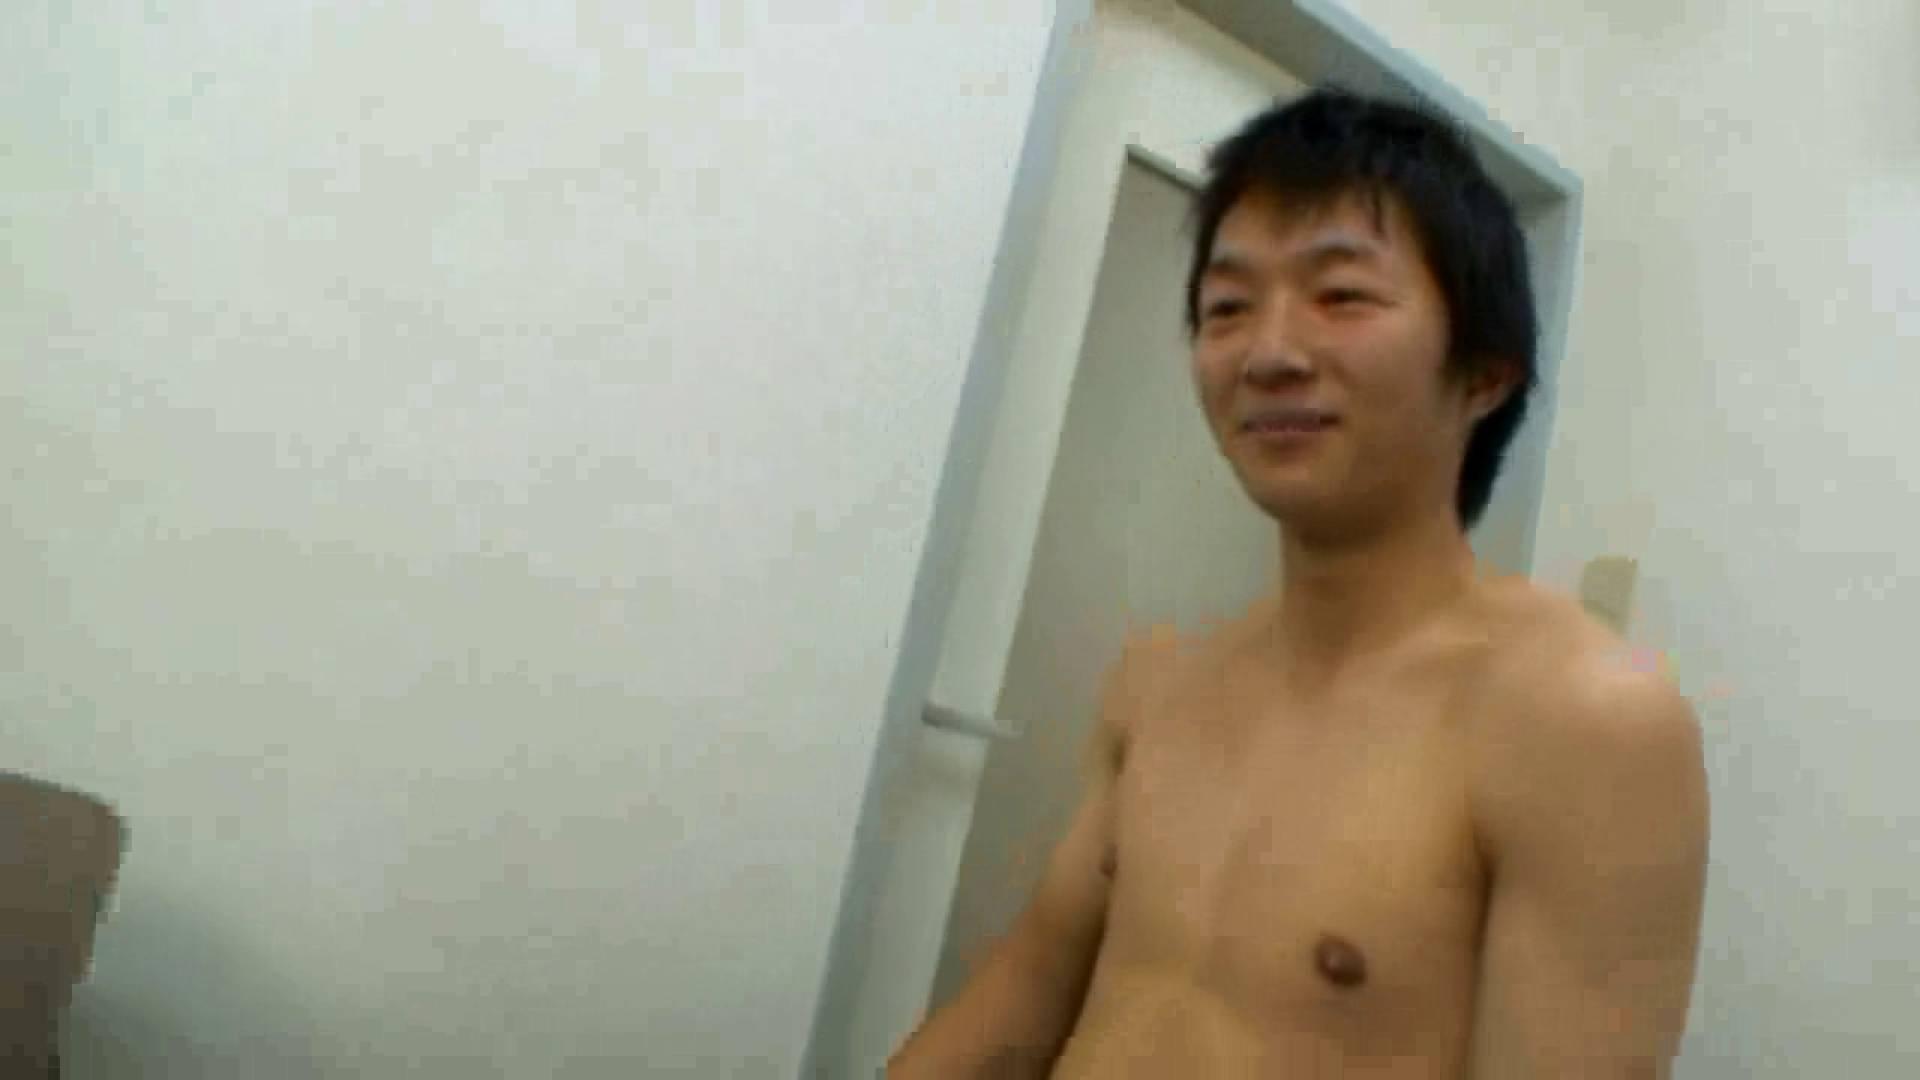 亜細亜のイケメンがイクっ!File.08 イケメンたち ケツマンスケベ画像 98pic 16